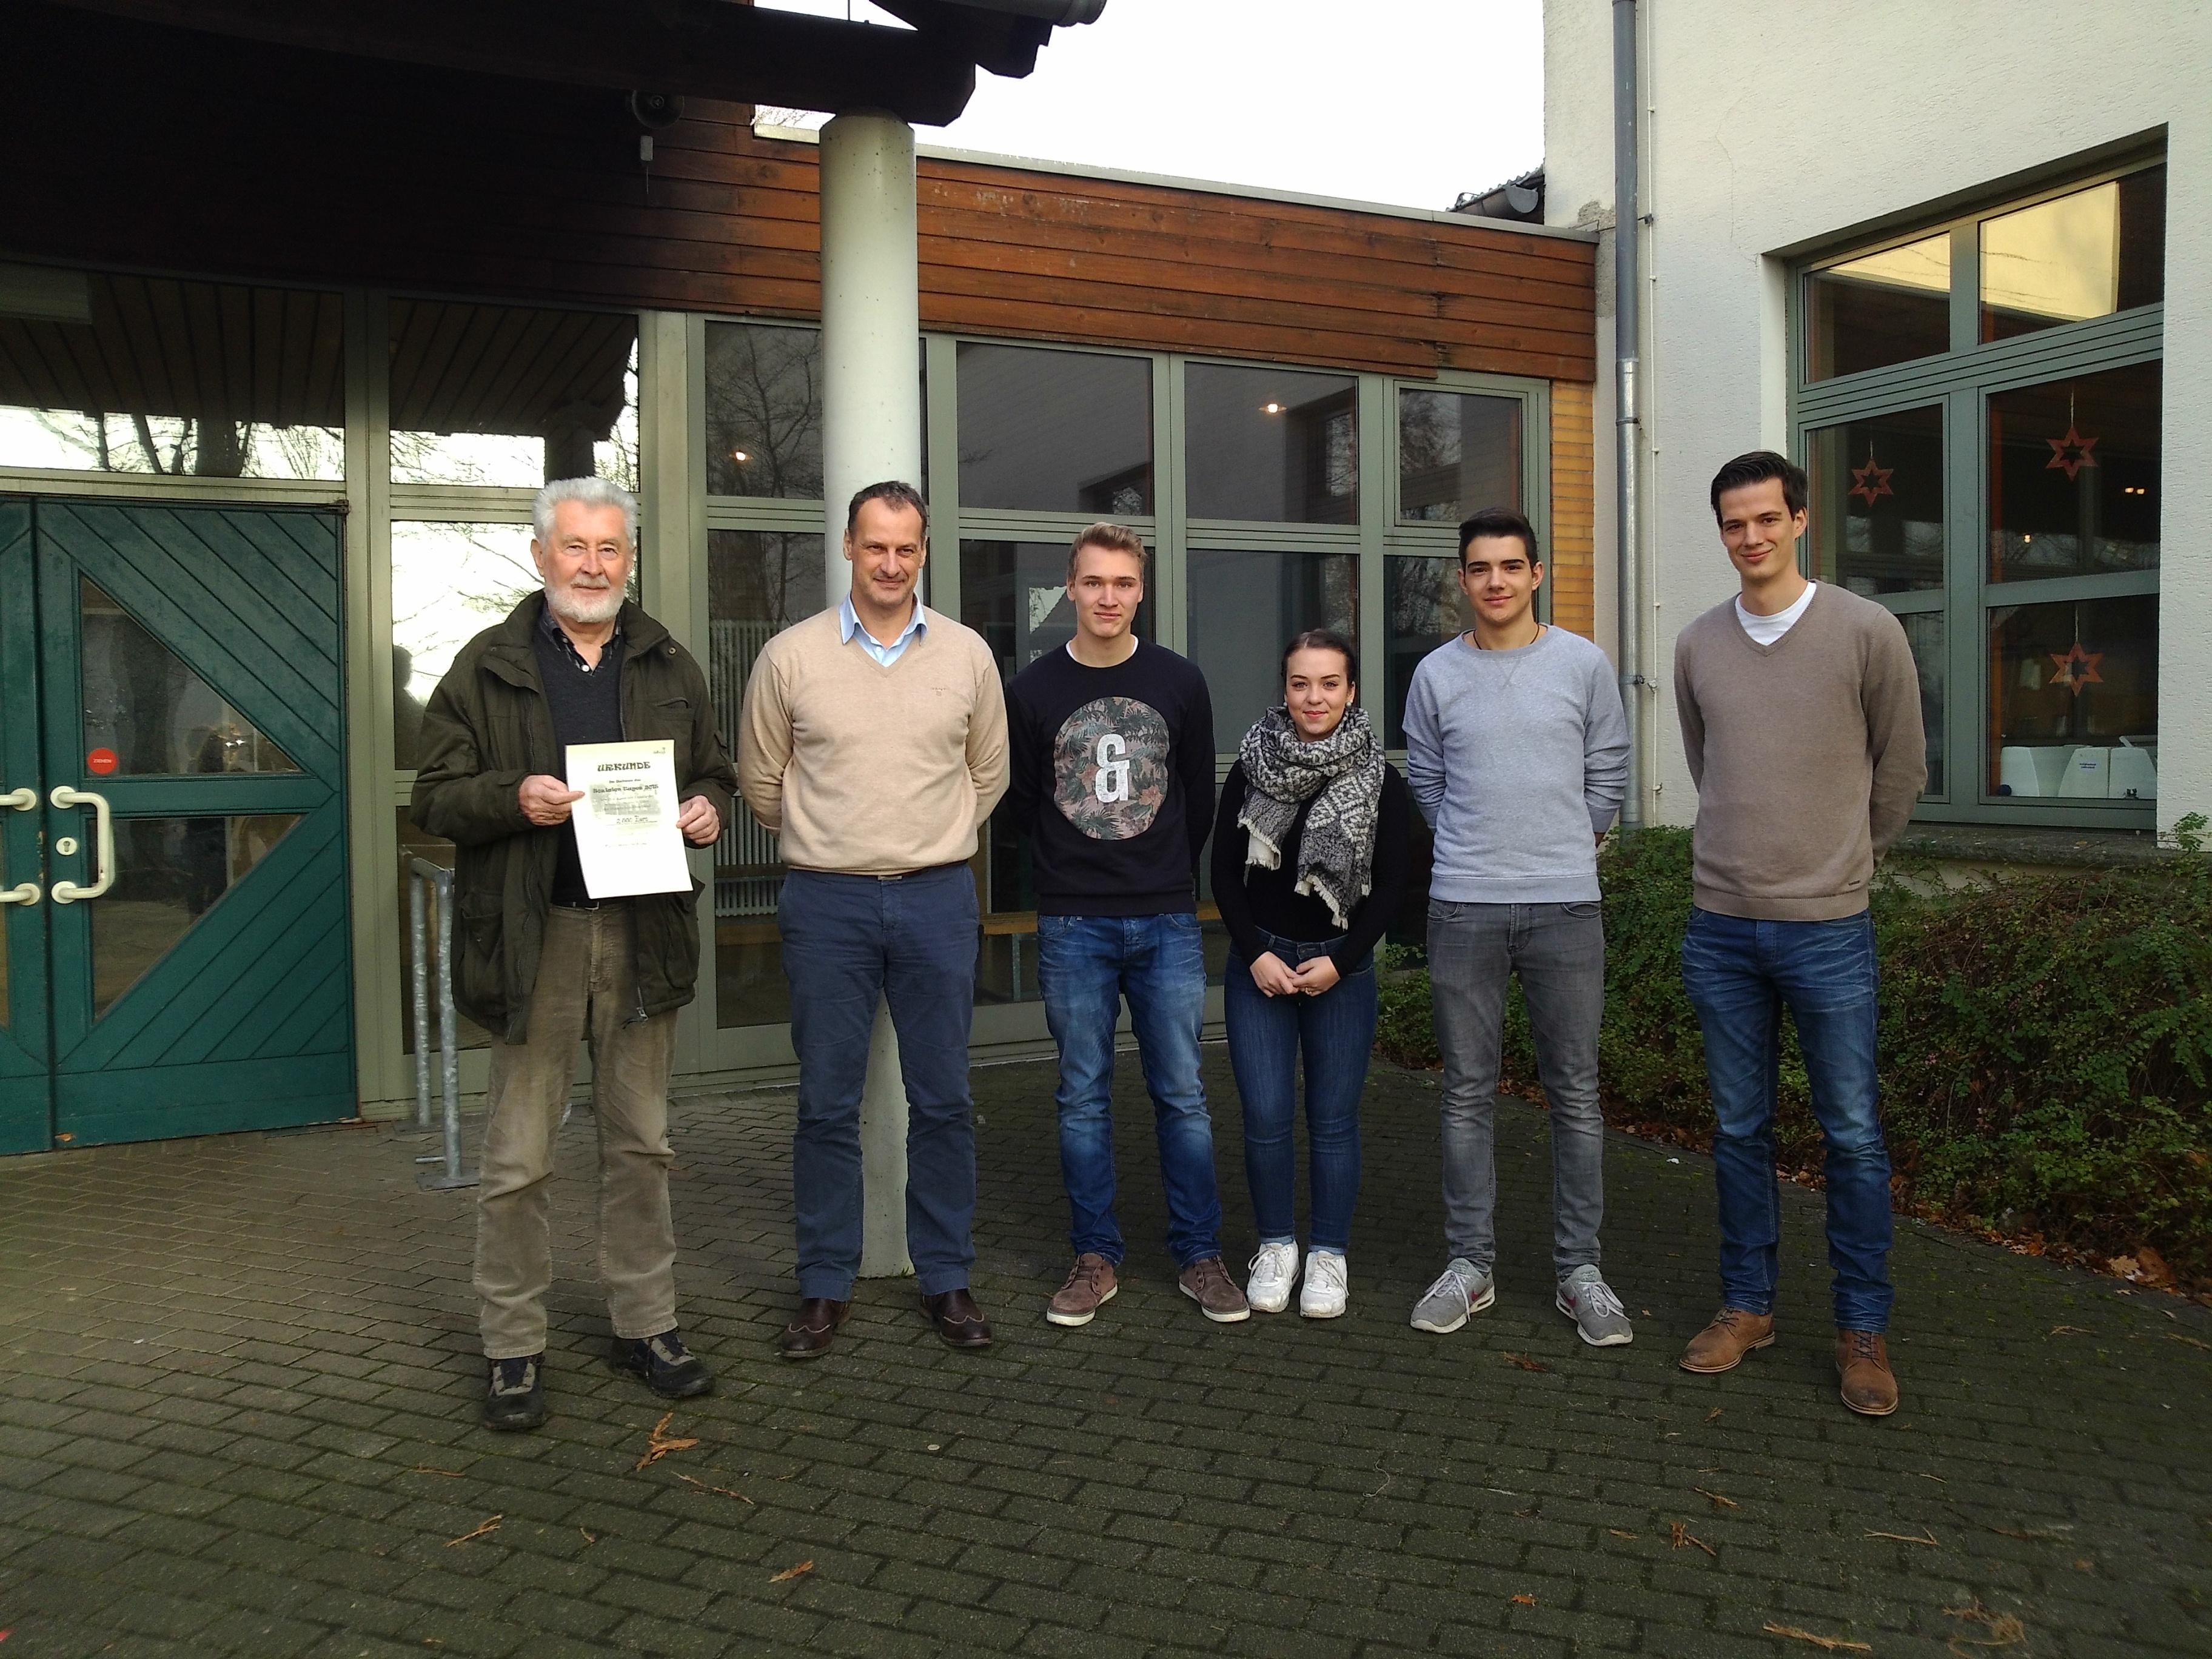 Auf dem Bild von links nach rechts: Herr Robert Oelsmeier (1. Vorsitzender), Oliver Austenfeld (Schulleiter Hauptschule Osten